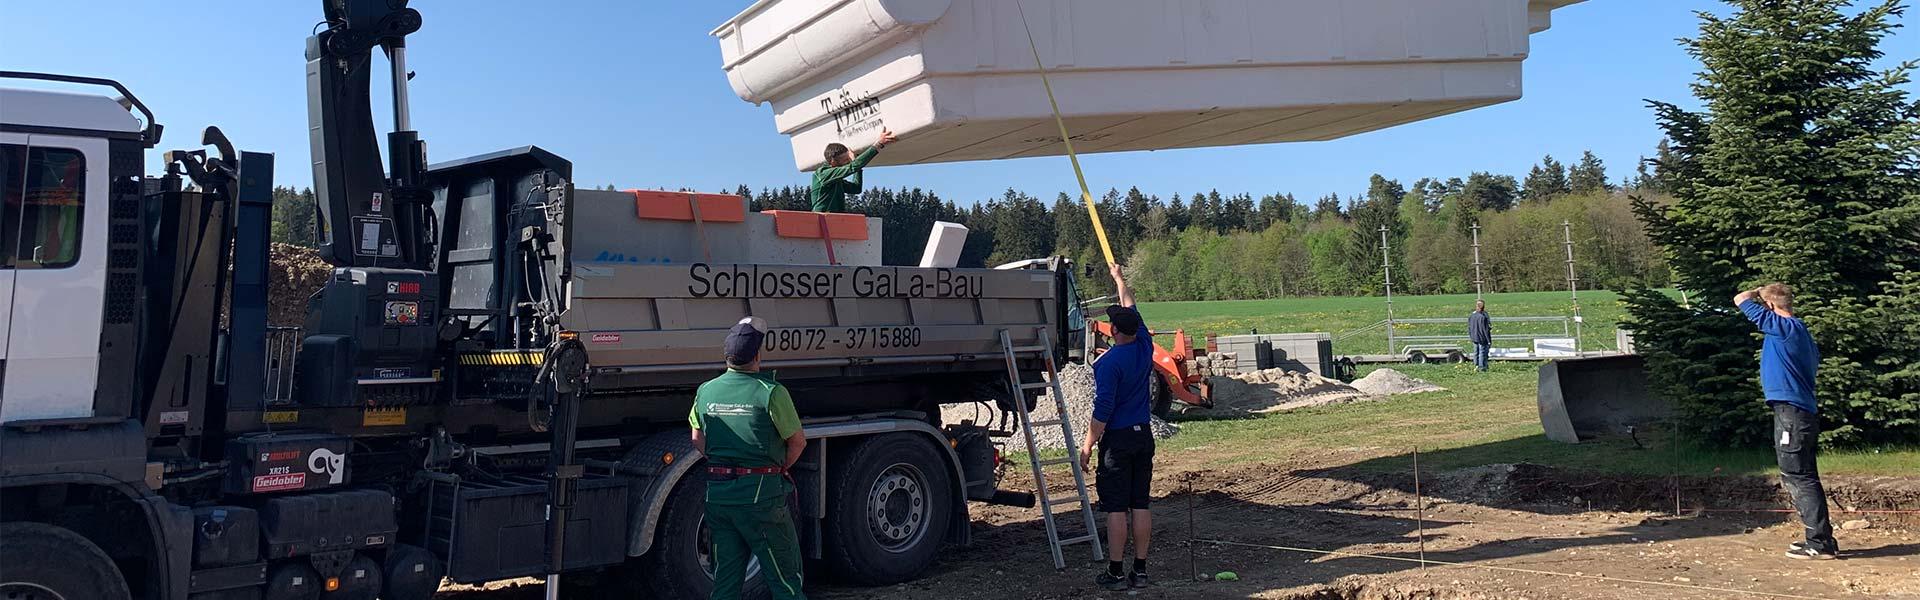 Das Team von Schlosser Gartenbau bei der Arbeit